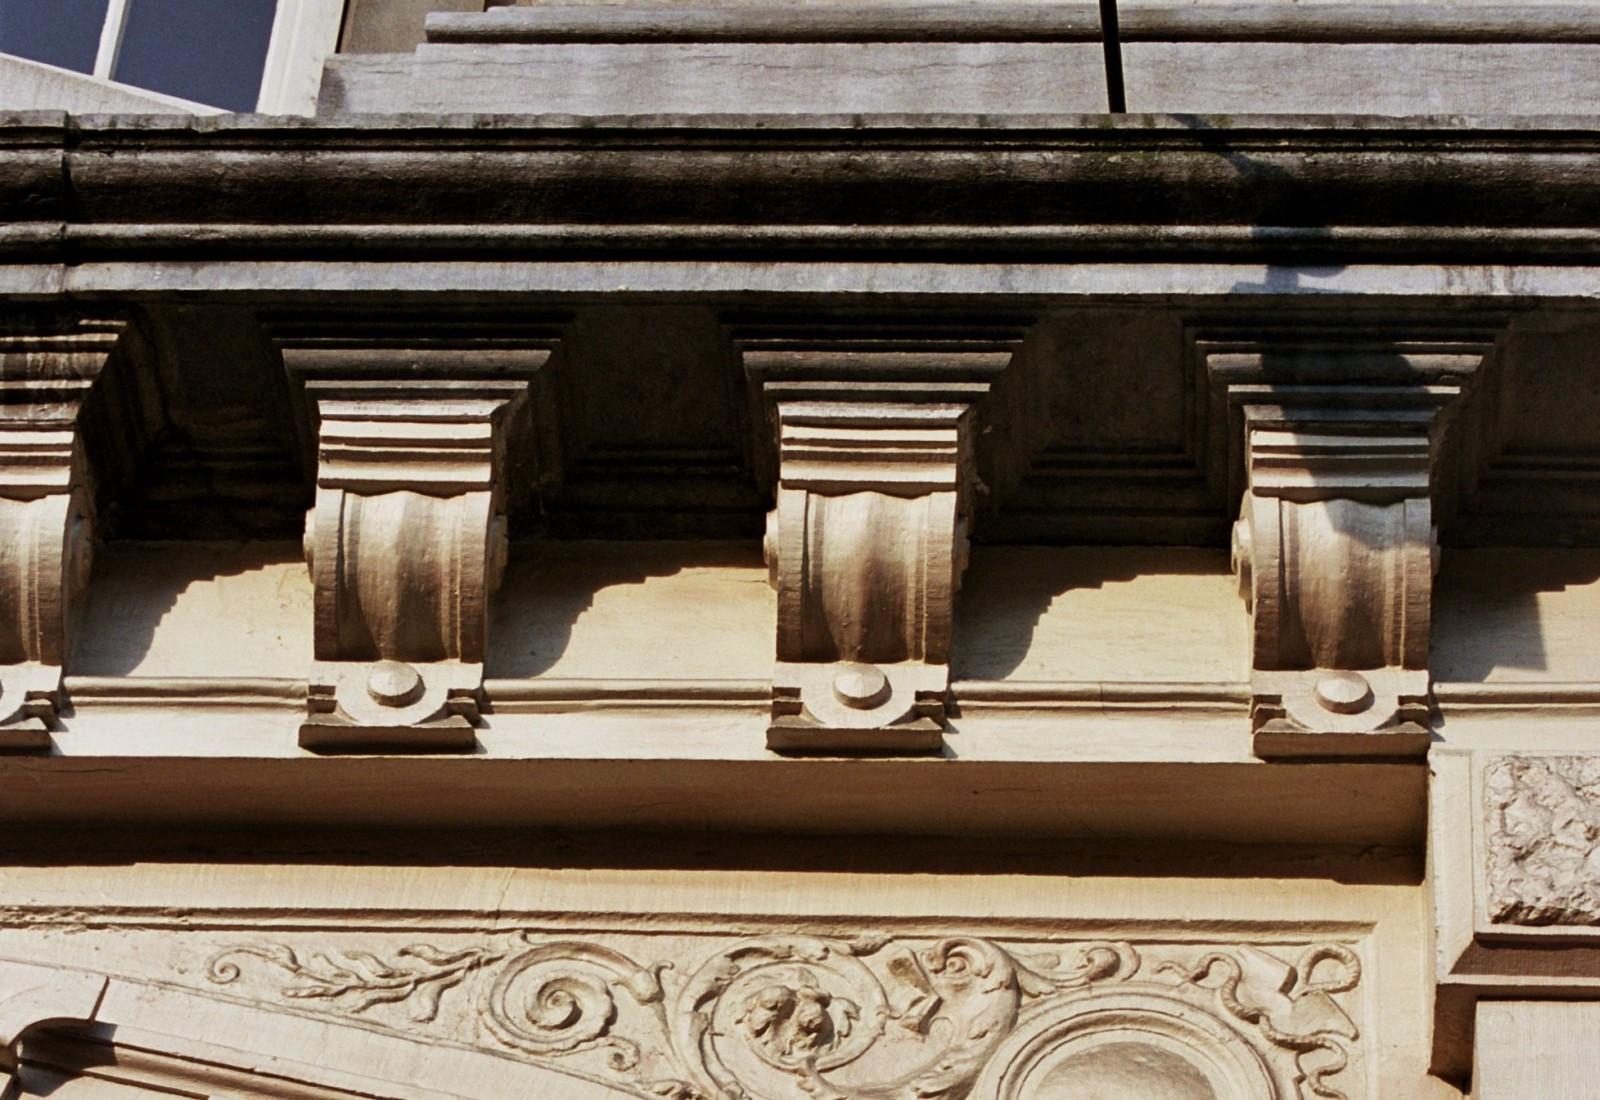 Détail d\'une corniche sur modillons, ancien cinéma Pathé-Palace, bd Anspach 85-87, Bruxelles, 1880-1881, architecte Alph. Dumont, reconstruction  partielle en 1913, architecte Paul Hamesse (photo 2005